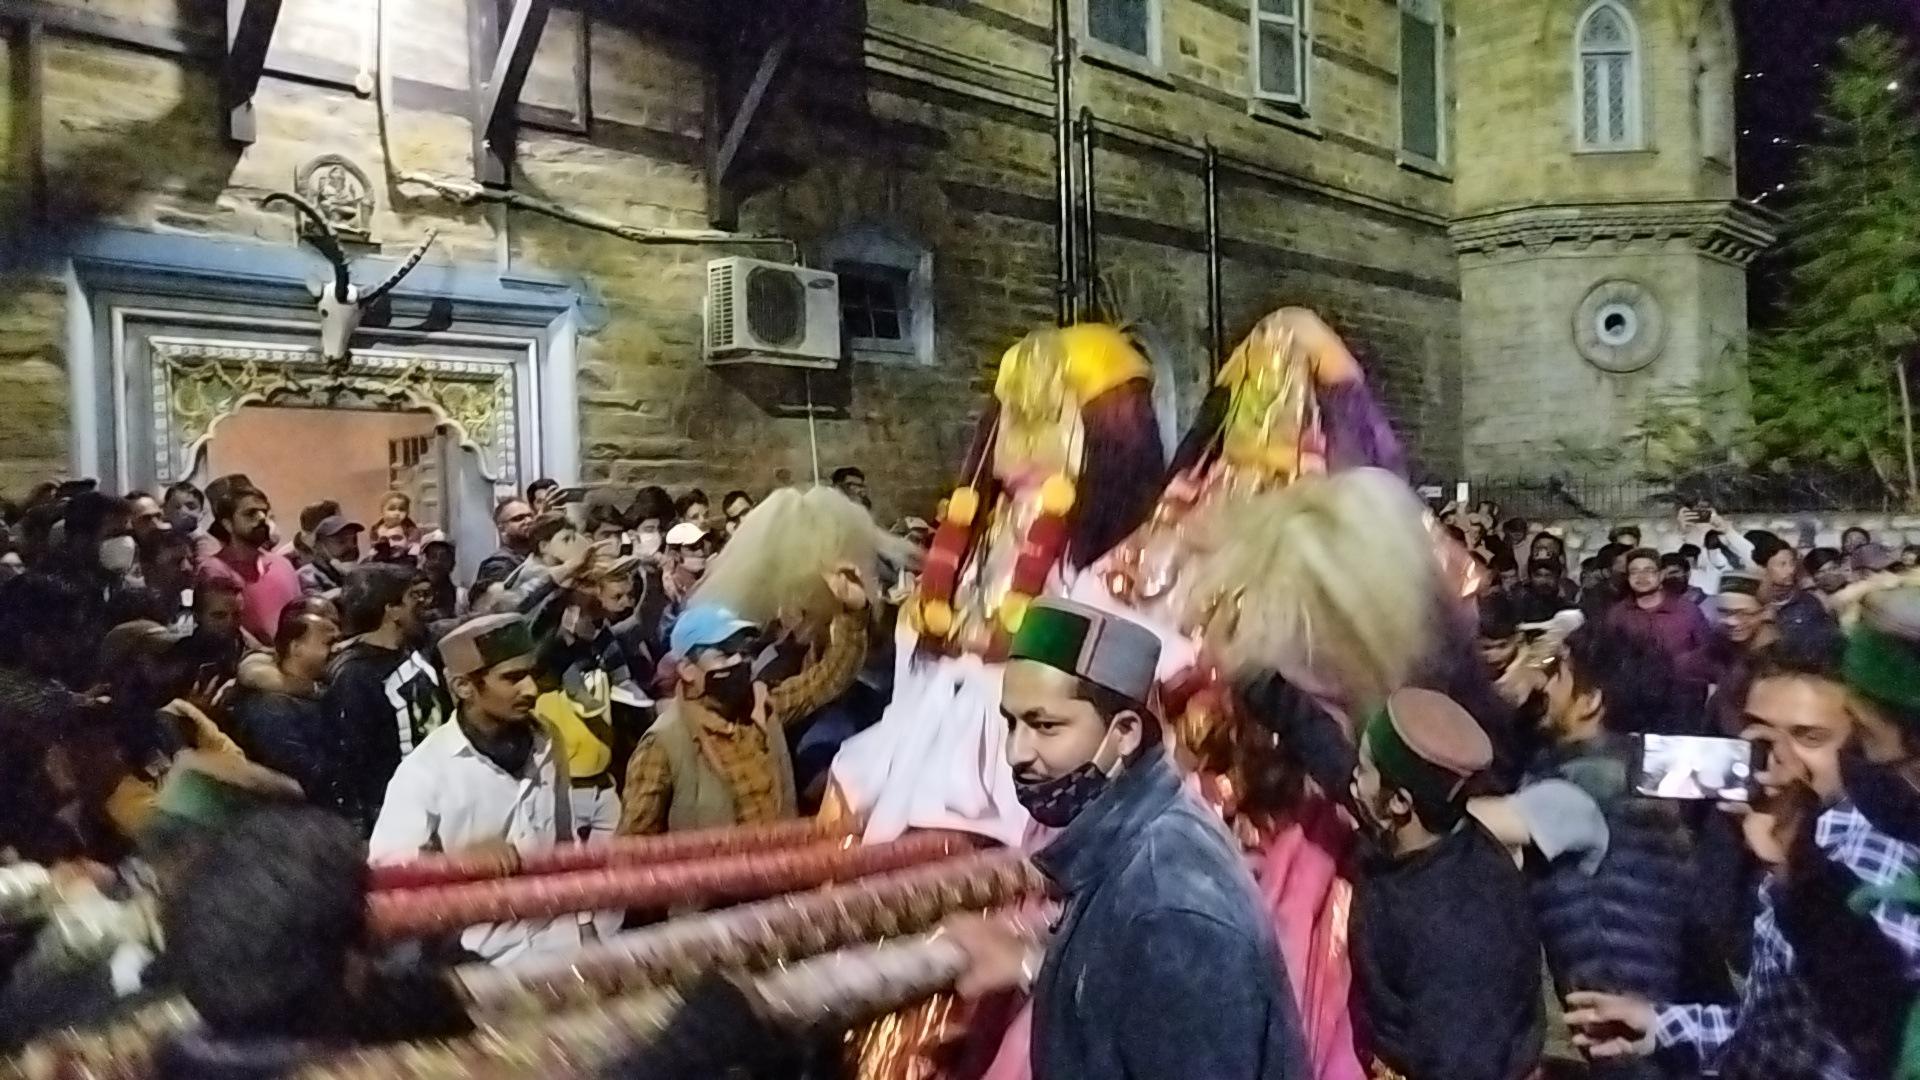 फिर कोरोना की भेंट चढ़ा 'फ़ाग मेला', 3 देवताओं ने निभाई रस्म, राजपरिवार की अनुपस्थिति से देवता नाराज़